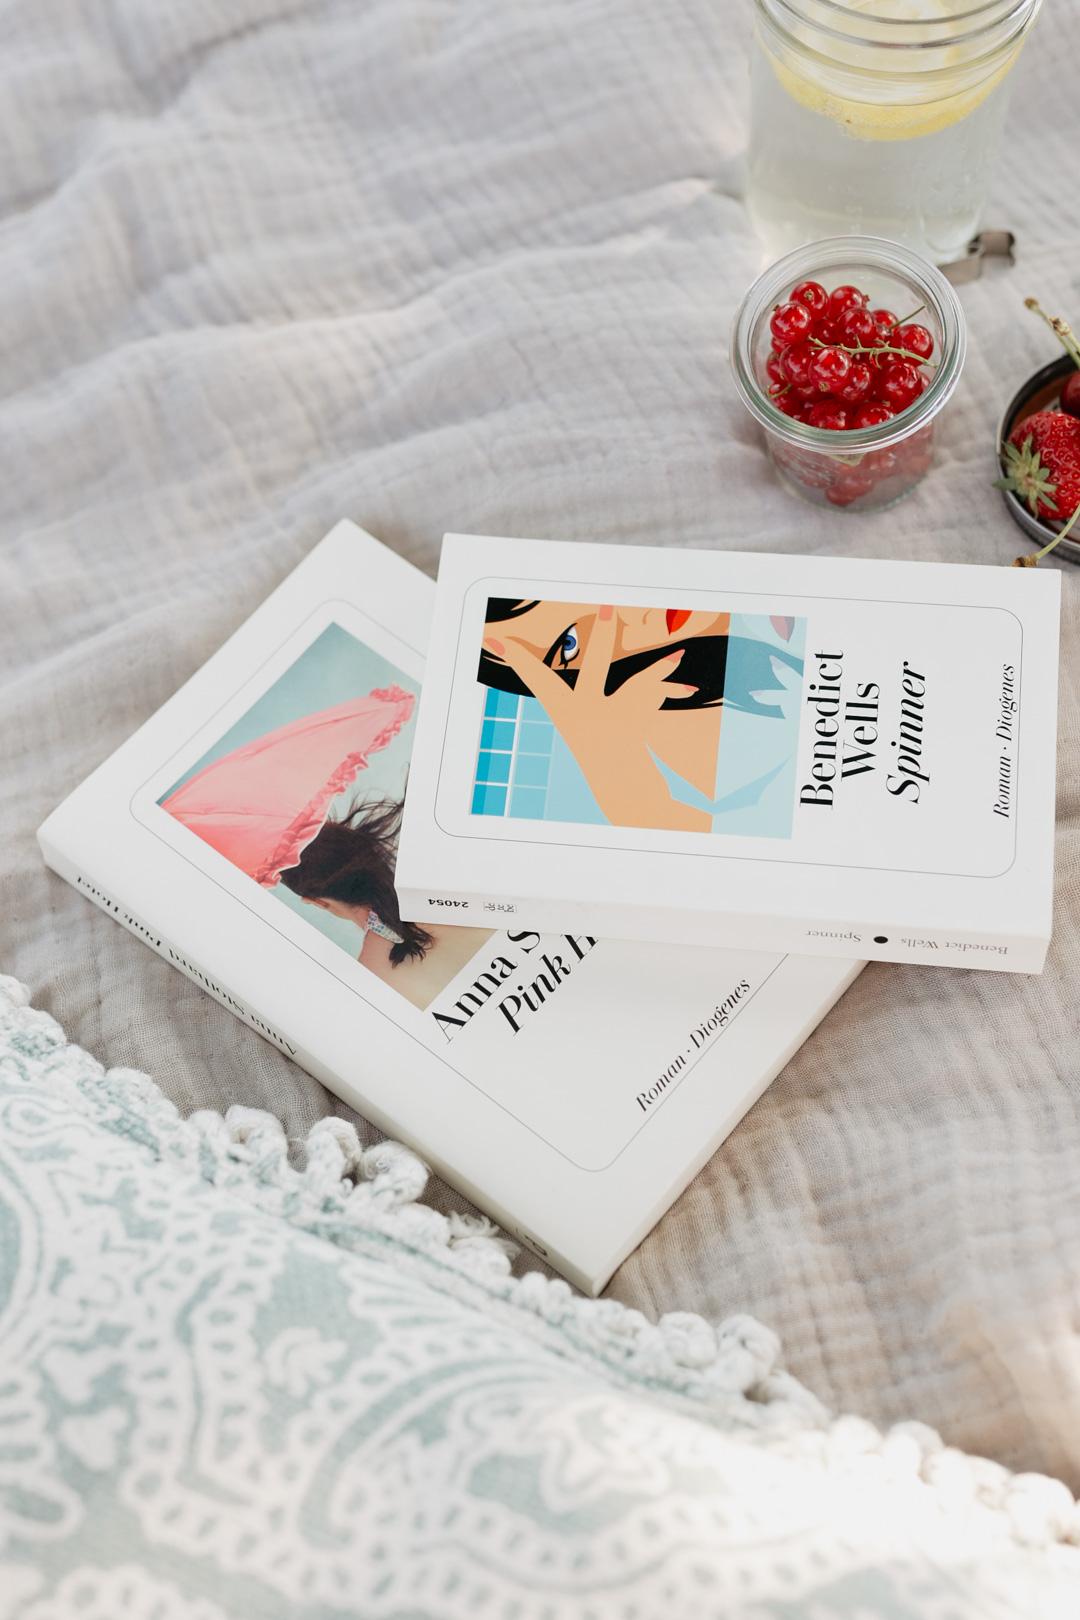 Lesetipps: 9 Bücher, die du unbedingt lesen musst - Pieces of Mariposa